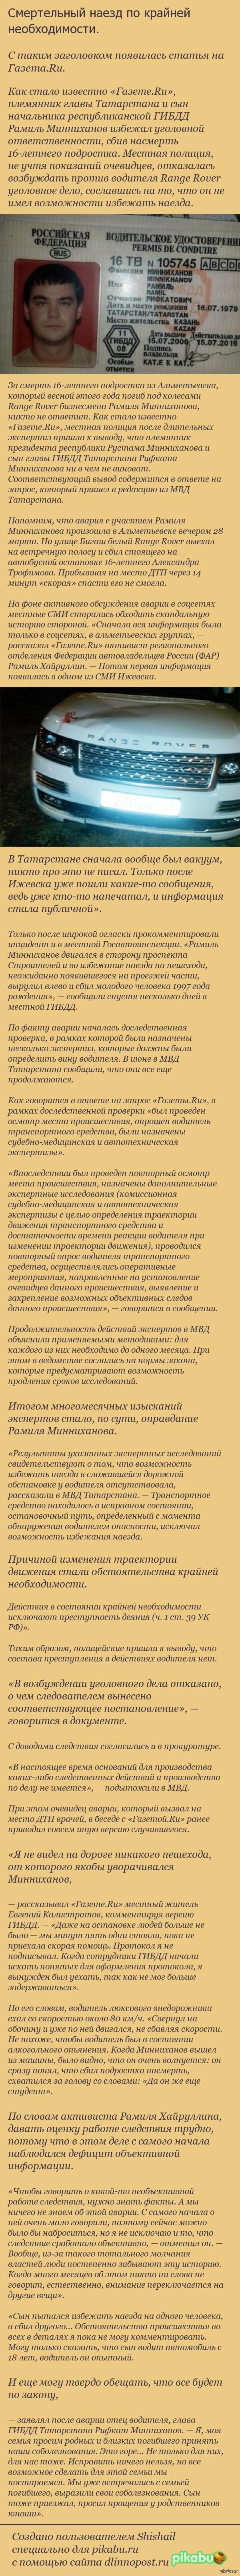 Смертельный наезд по крайней необходимости Полиция не стала возбуждать уголовное дело против сына главы ГИБДД Татарстана после смертельного наезда на подростка